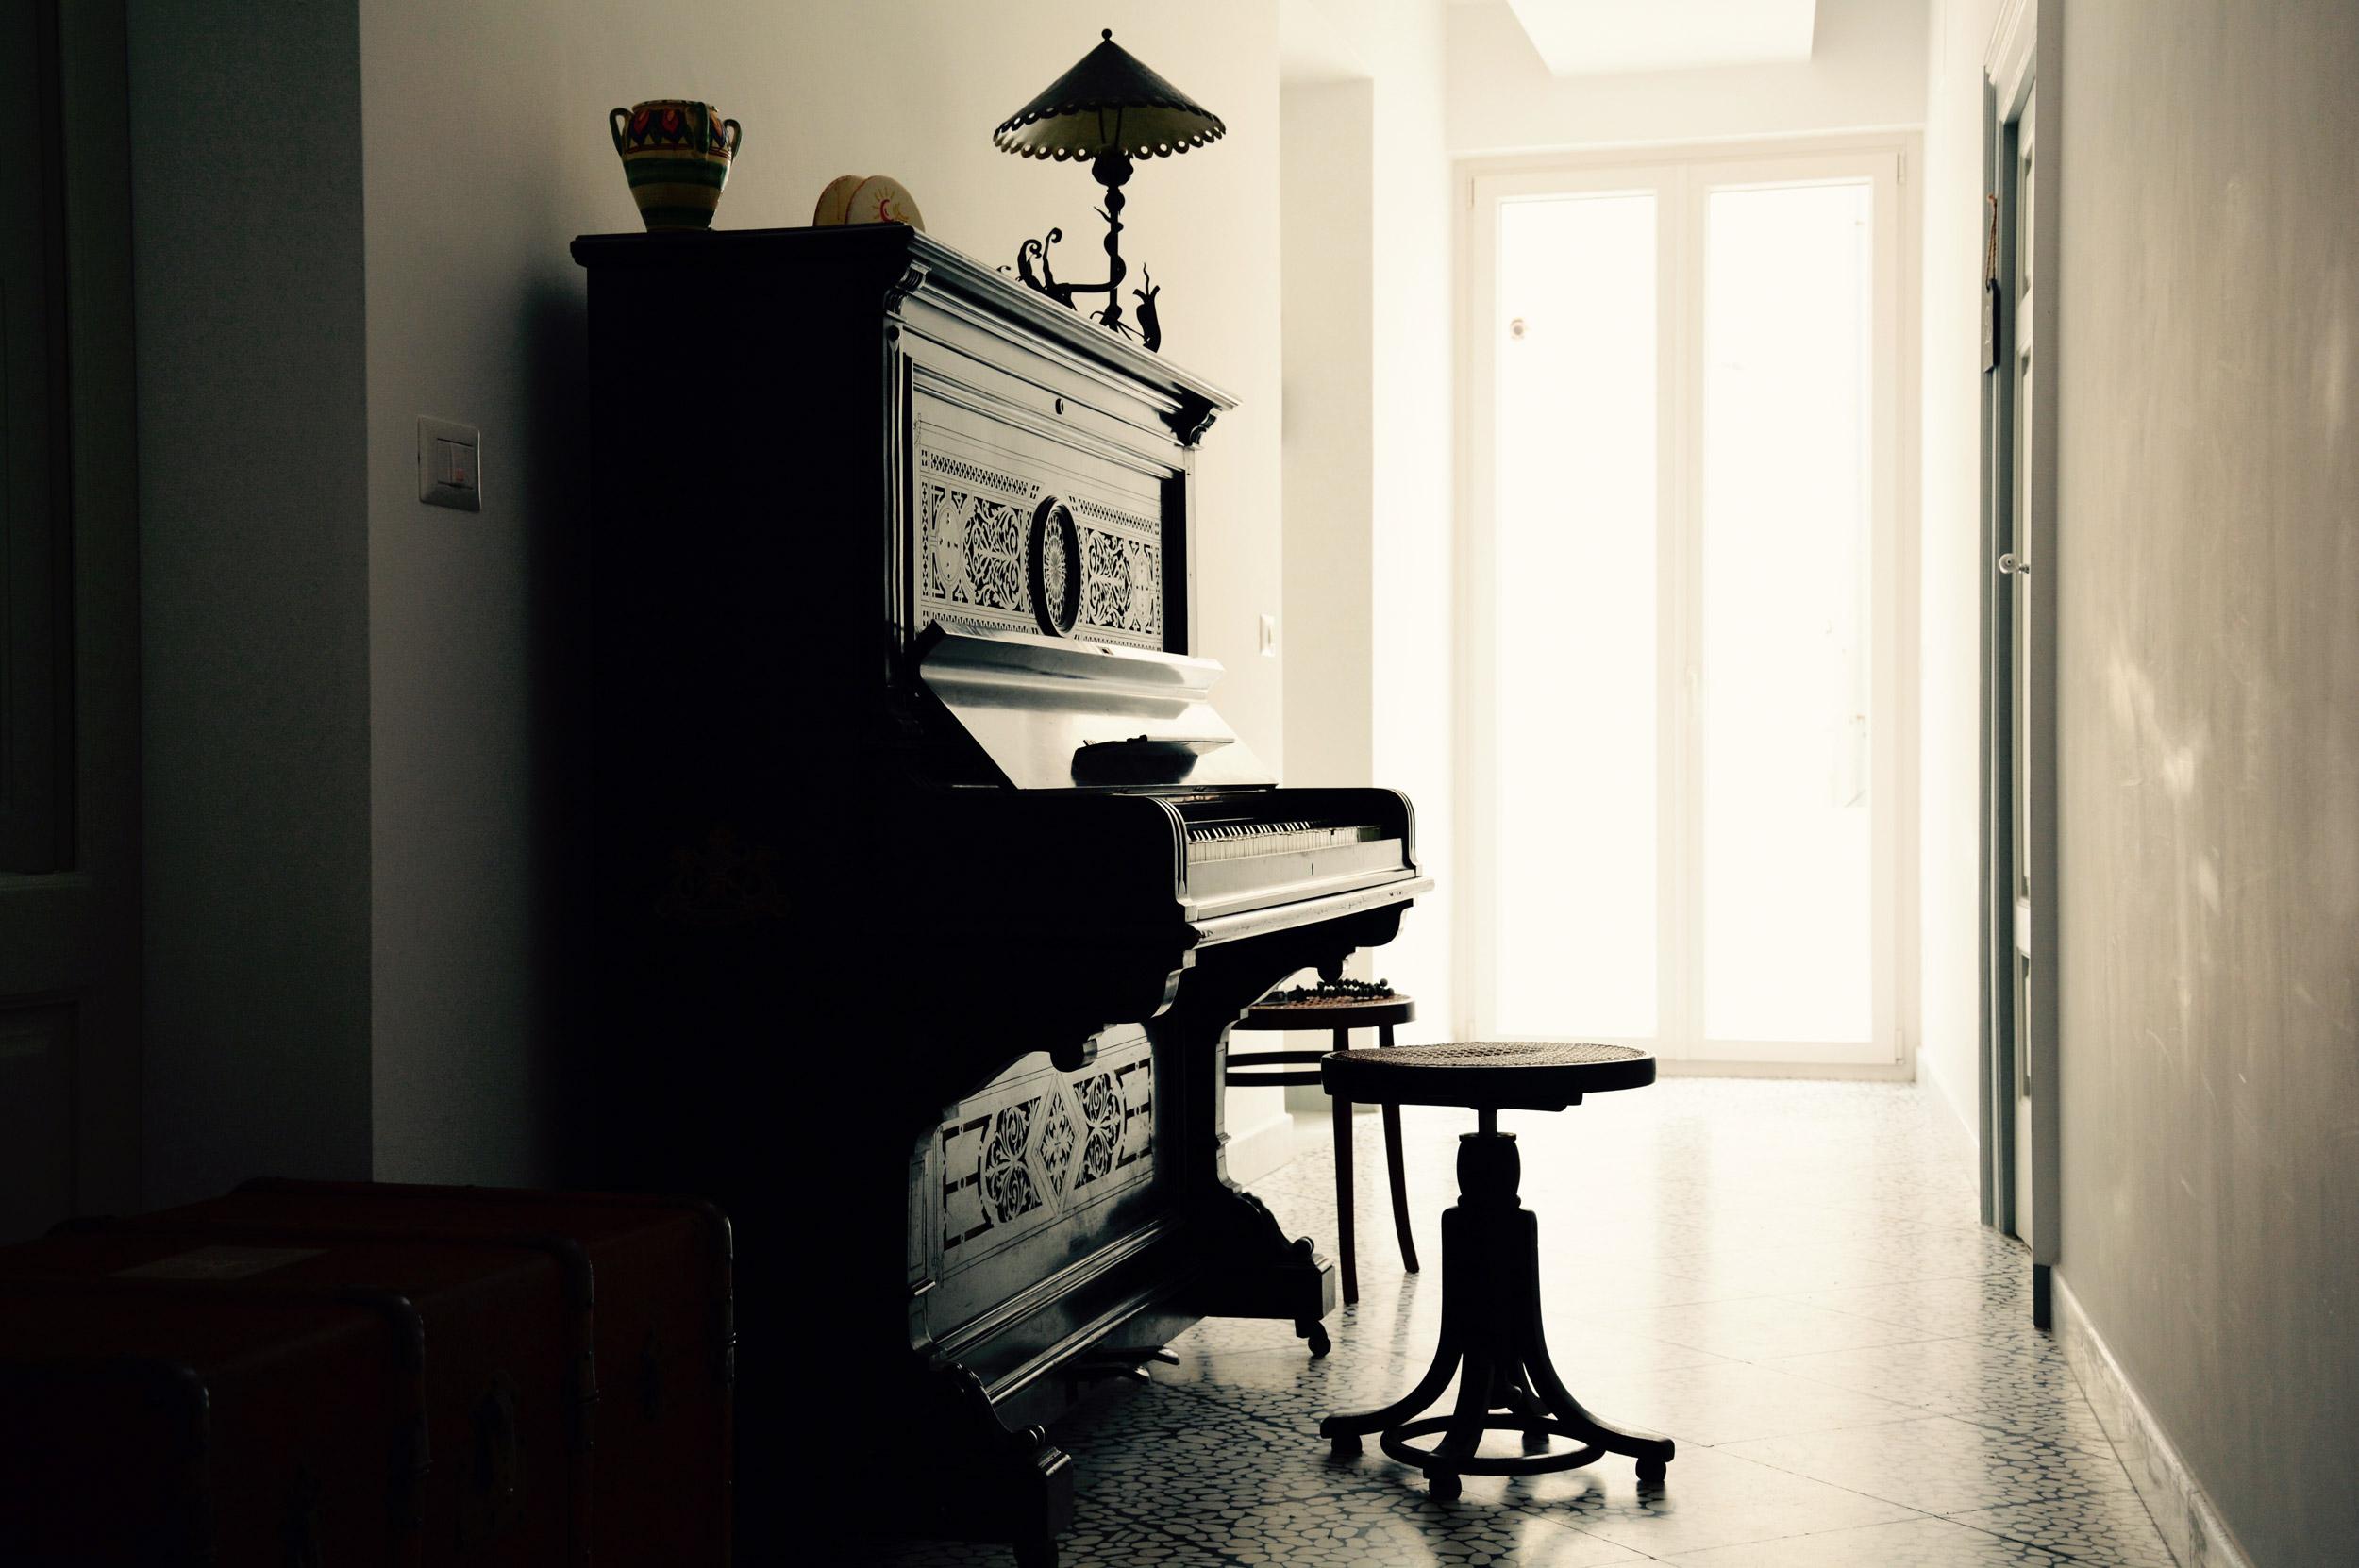 pianoforte-antico-in-corridoio-palazzo-didonna